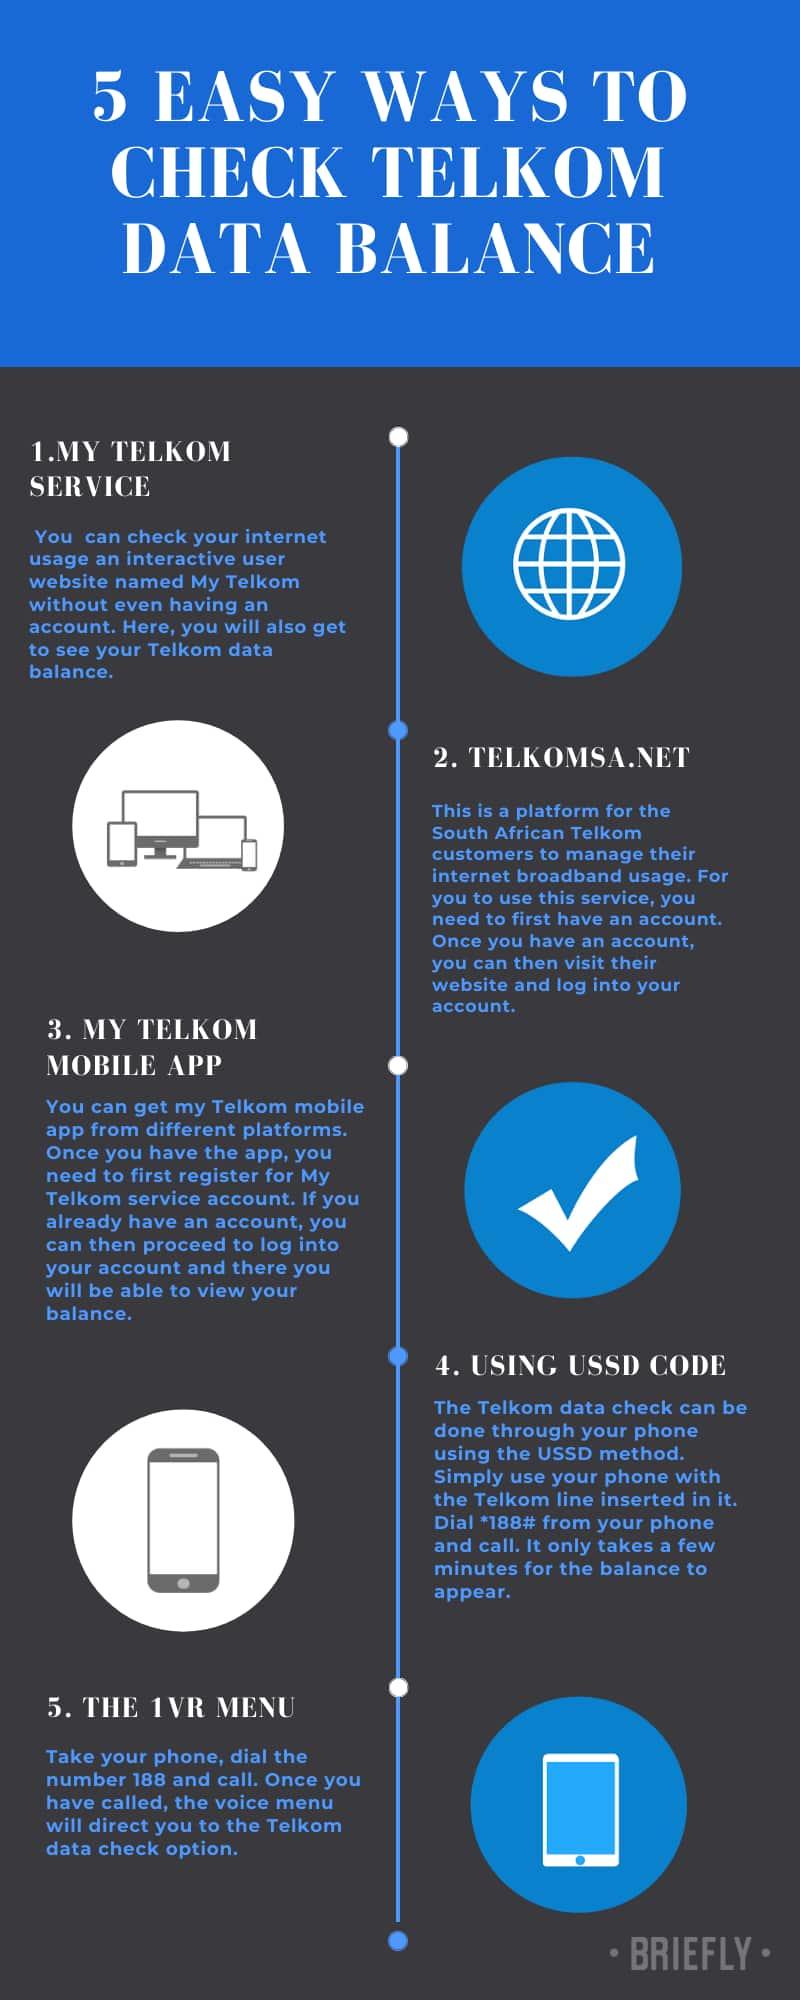 How to check Telkom data balance